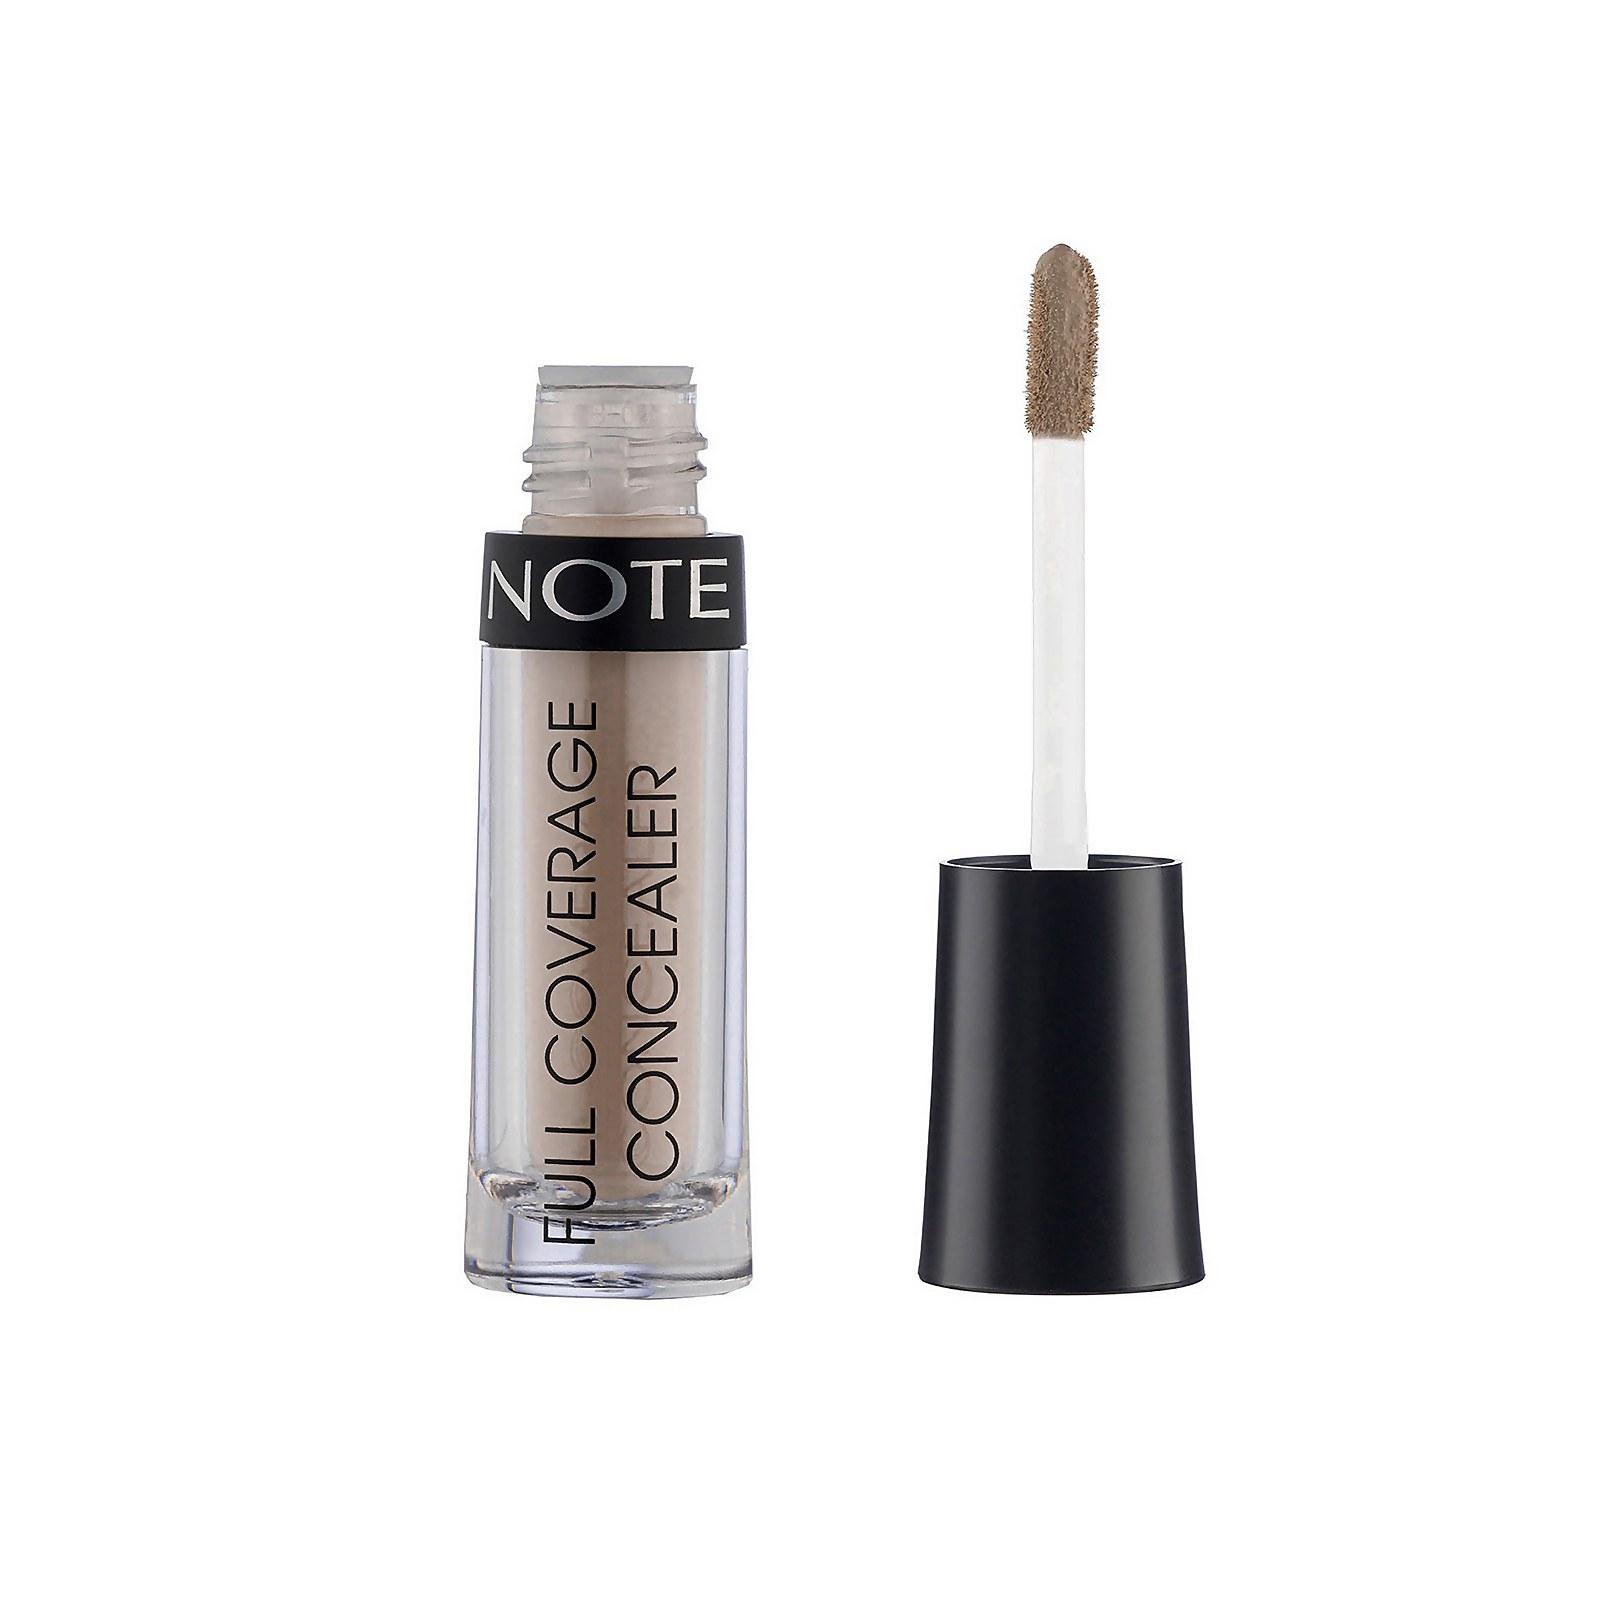 Купить Жидкий консилер Note Cosmetics Full Coverage Liquid Concealer 2, 3 мл (различные оттенки) - 04 Medium Sand